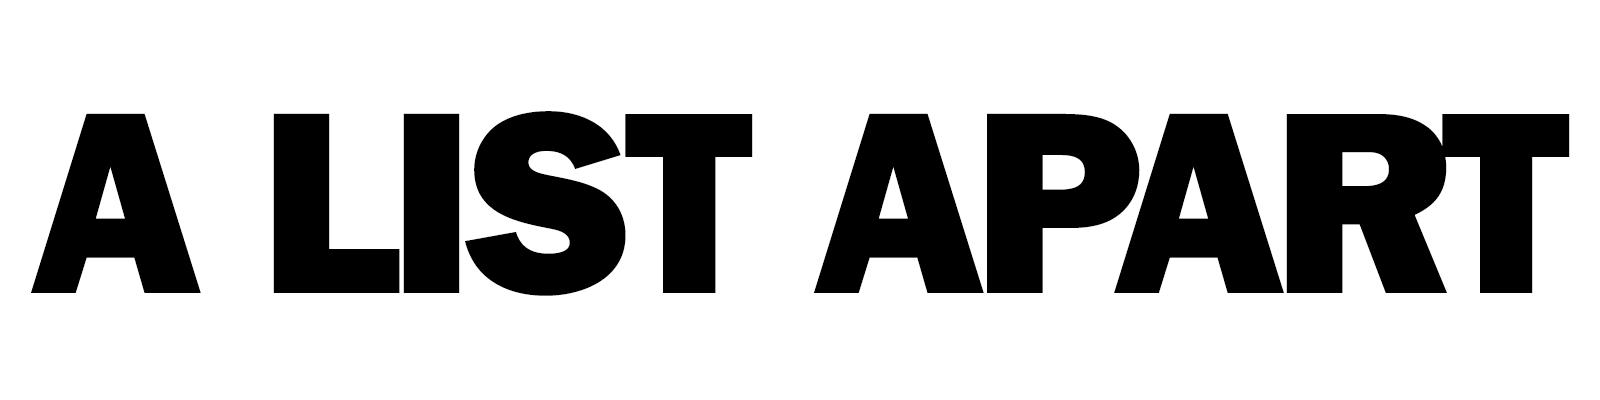 نتيجة بحث الصور عن http://alistapart.com